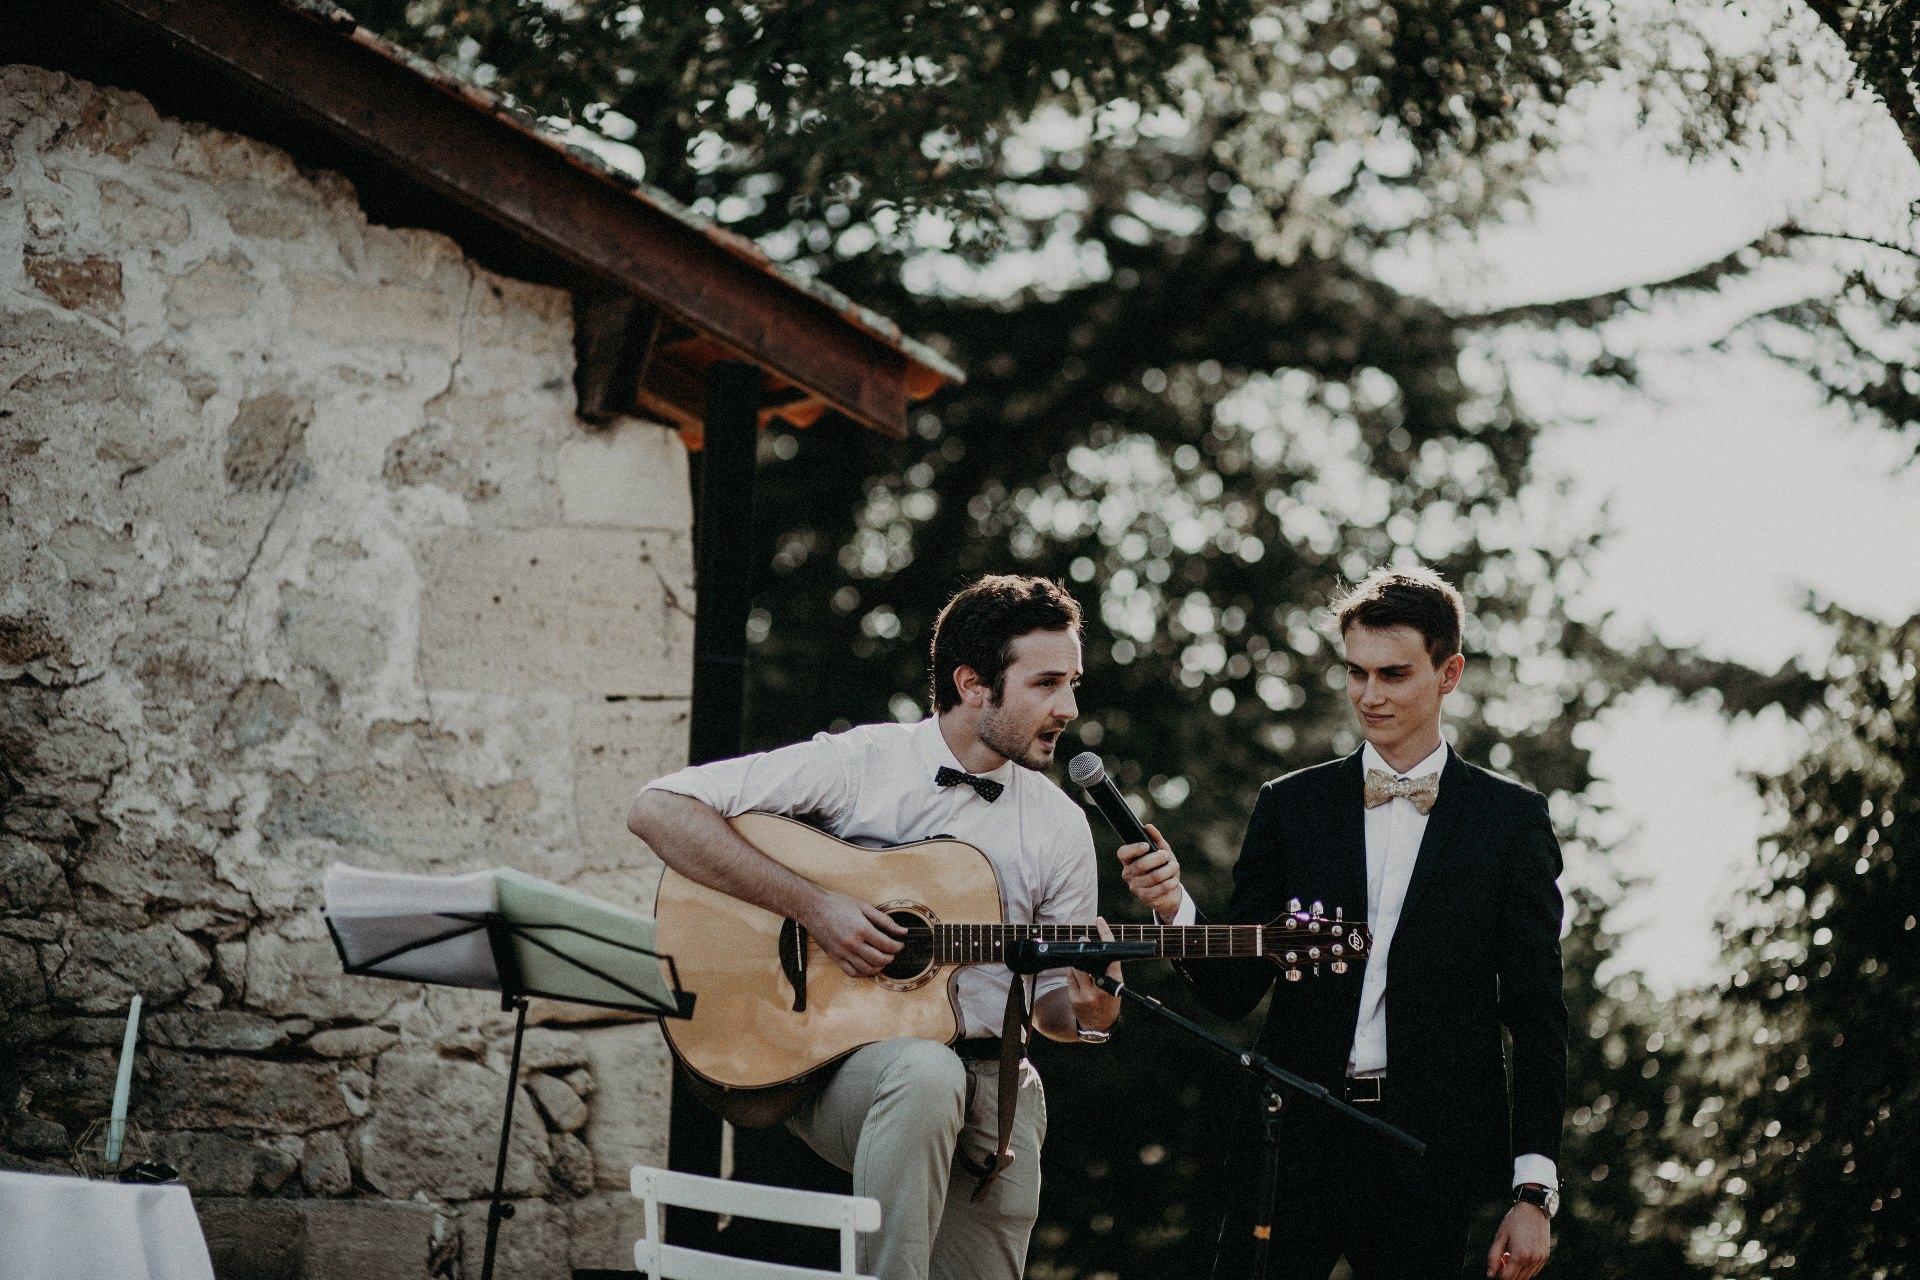 photographe-mariage-bordeaux-43.jpg